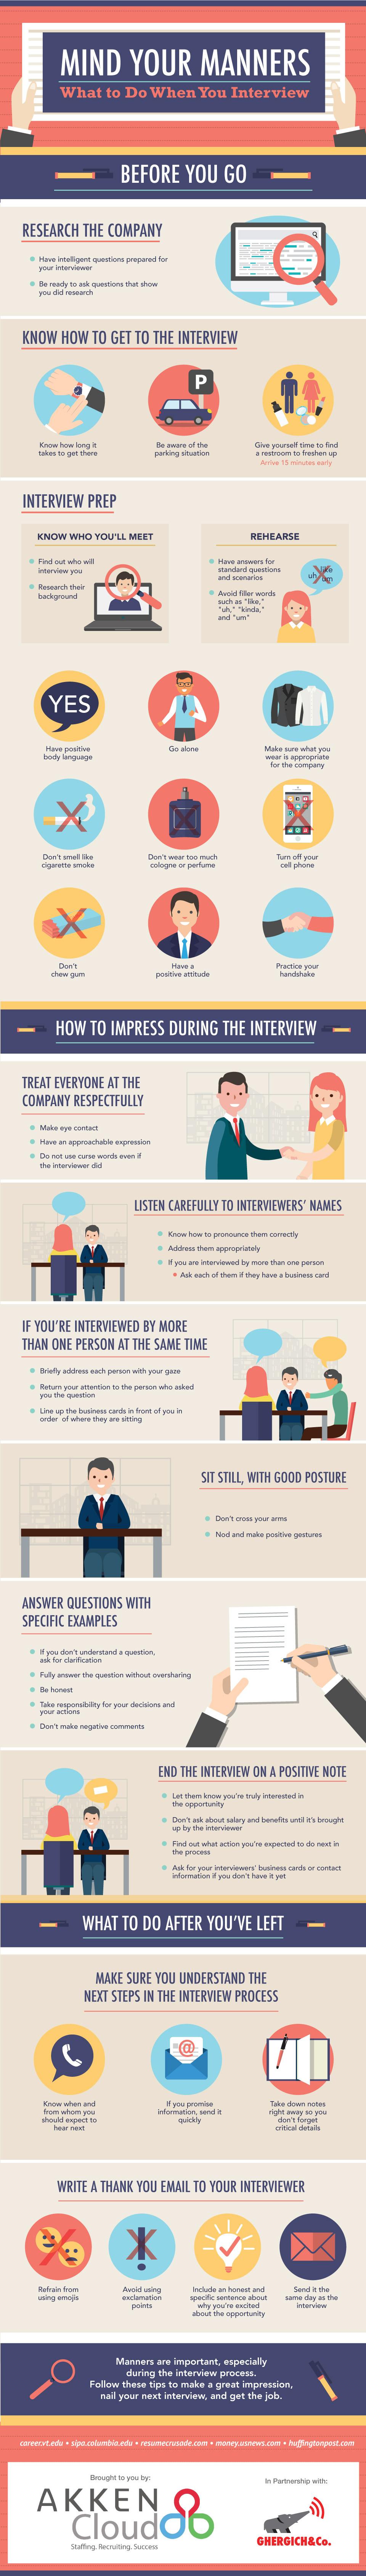 interview manner